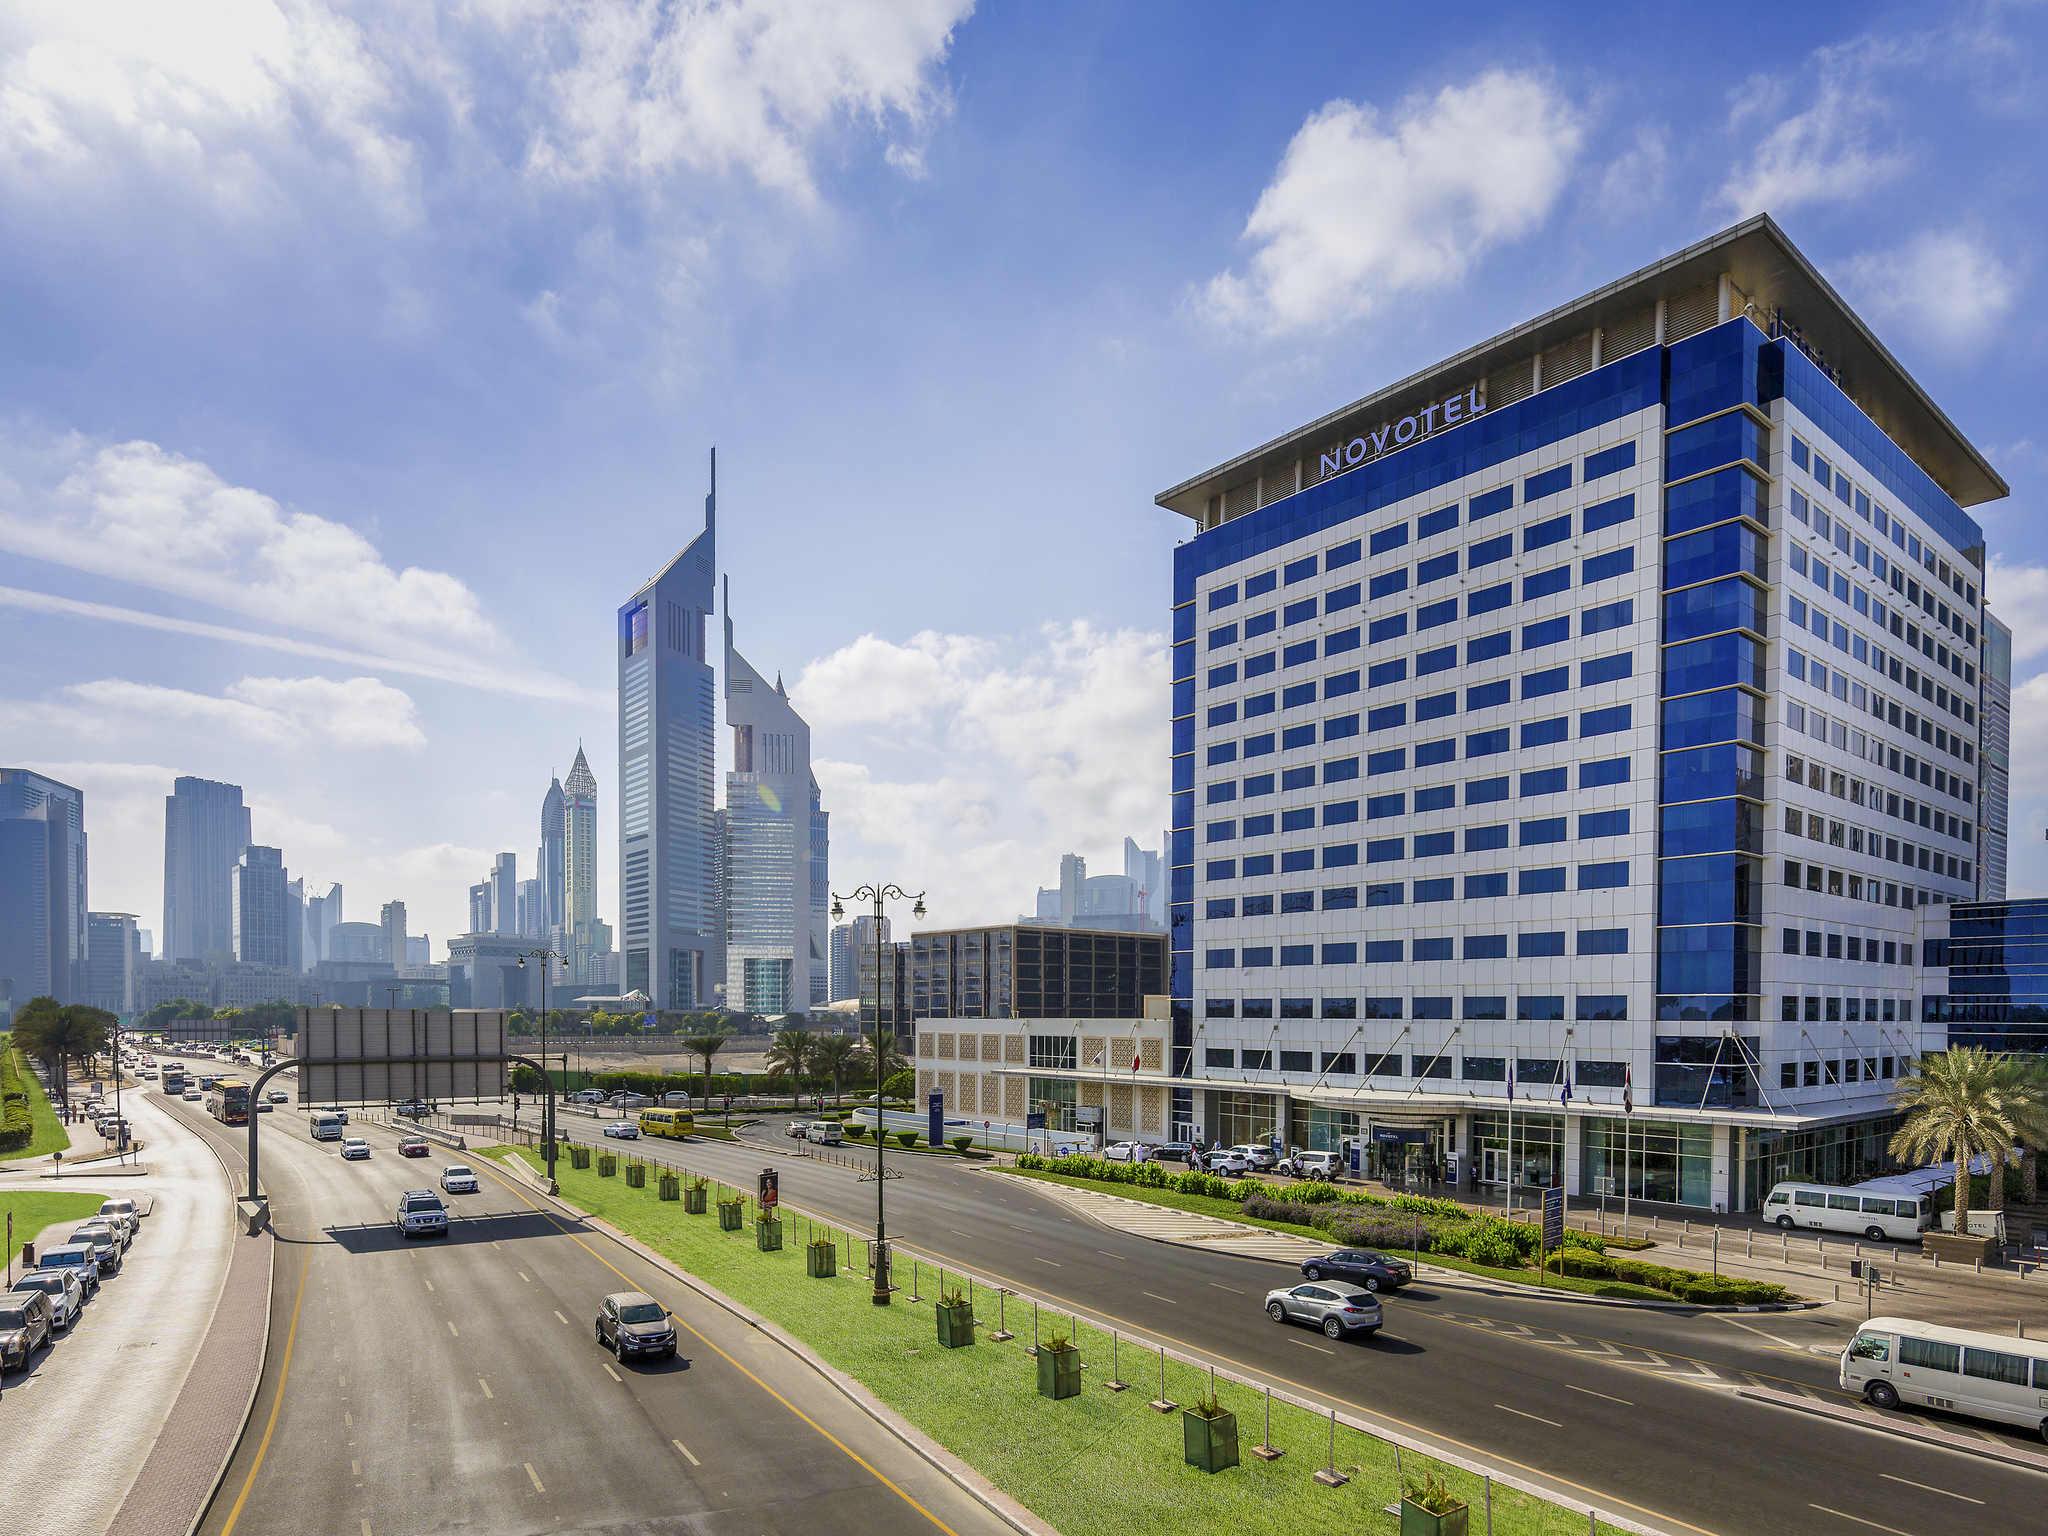 فندق - نوفوتيل Novotel مركز التجارة العالمي دبي